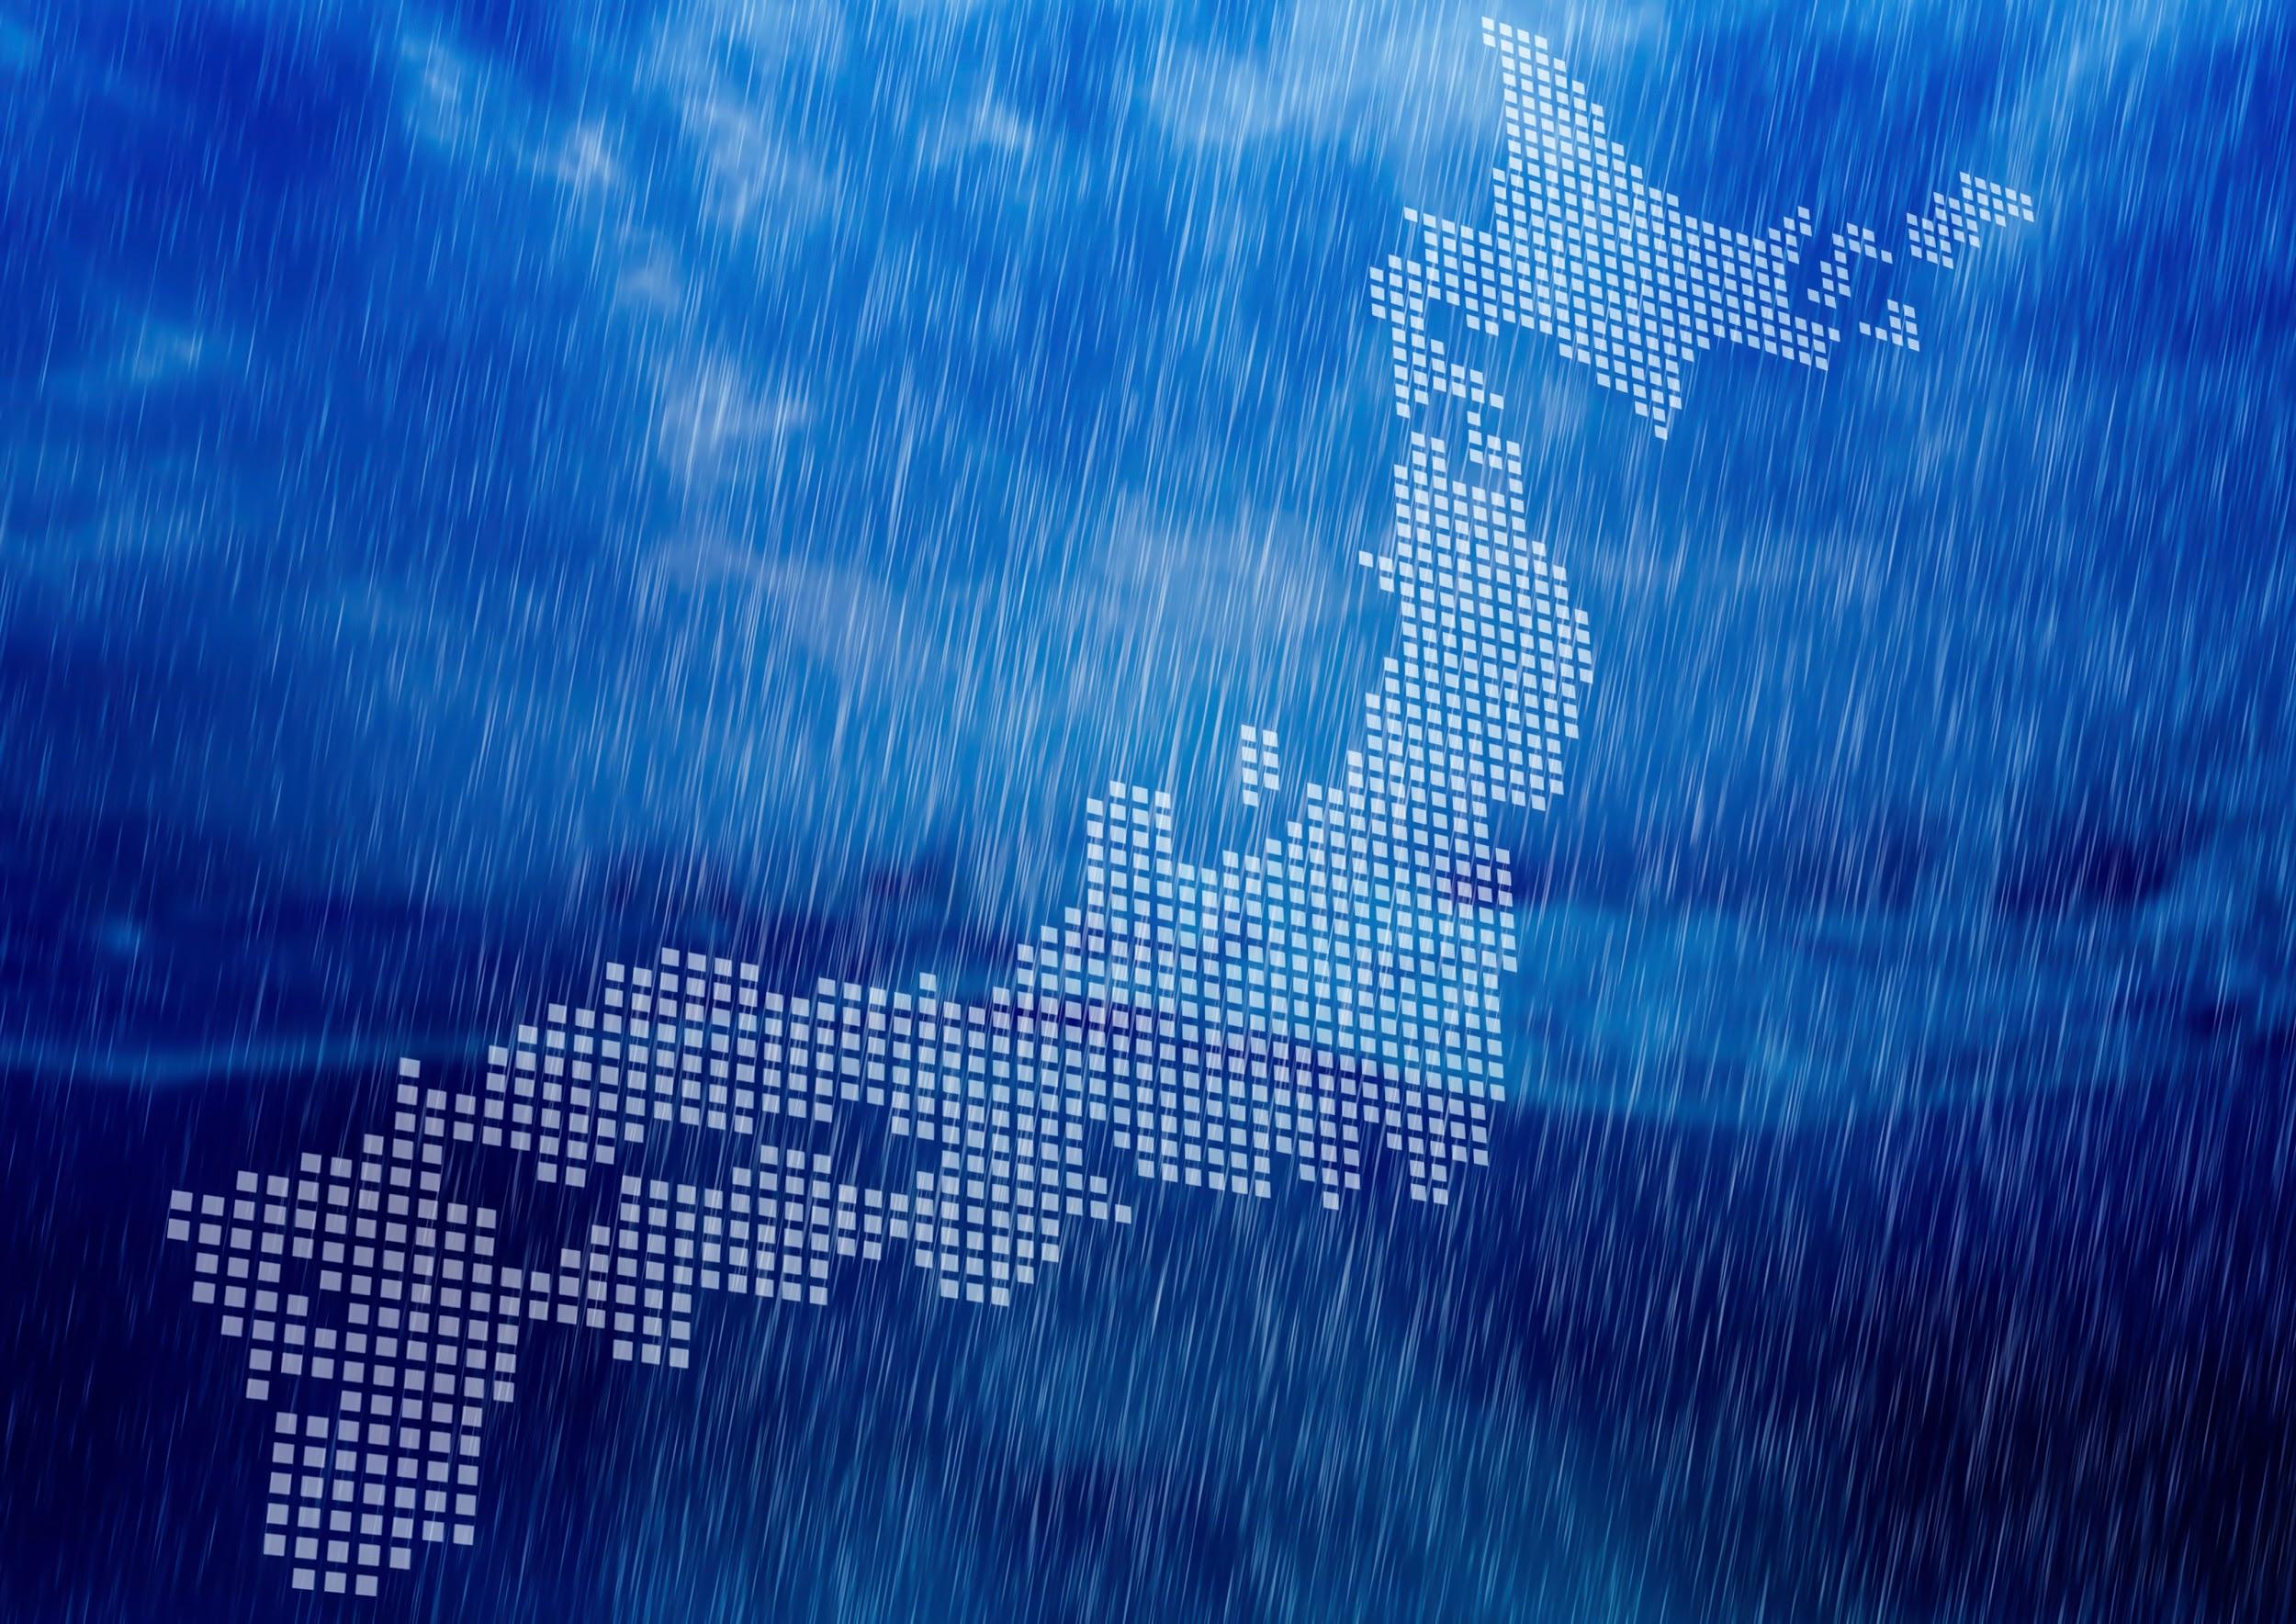 【水害対策】迫る水害から地域を守る!被害を抑える対策ツール5選